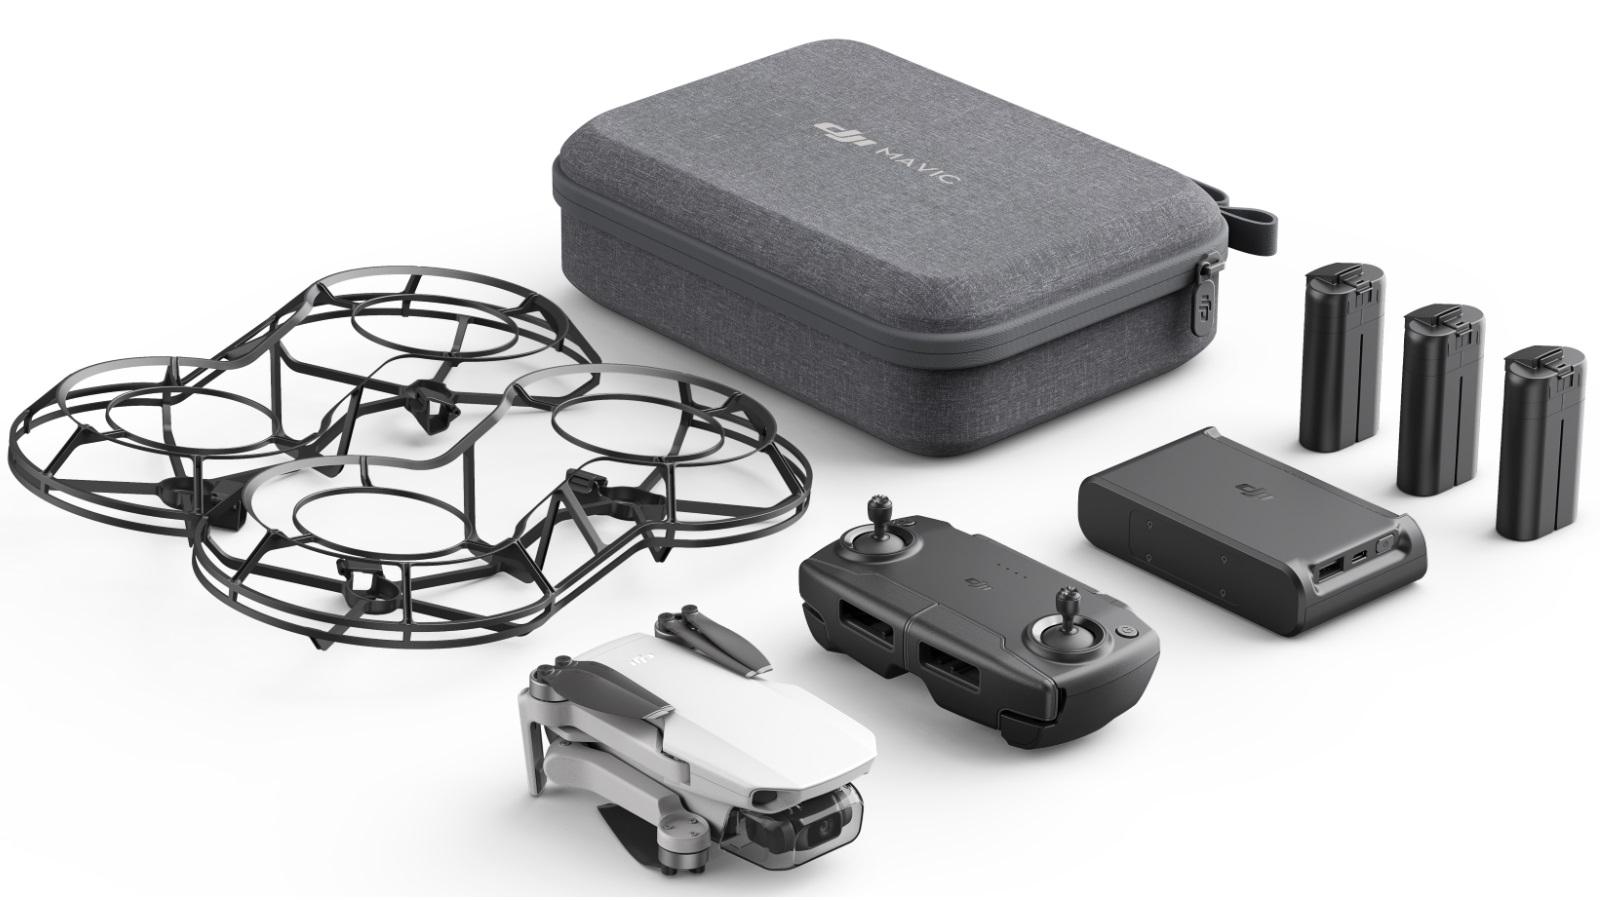 DJI Mavic Mini Combo ricondizionato e con DJI Care Refresh a 342 euro su Amazon